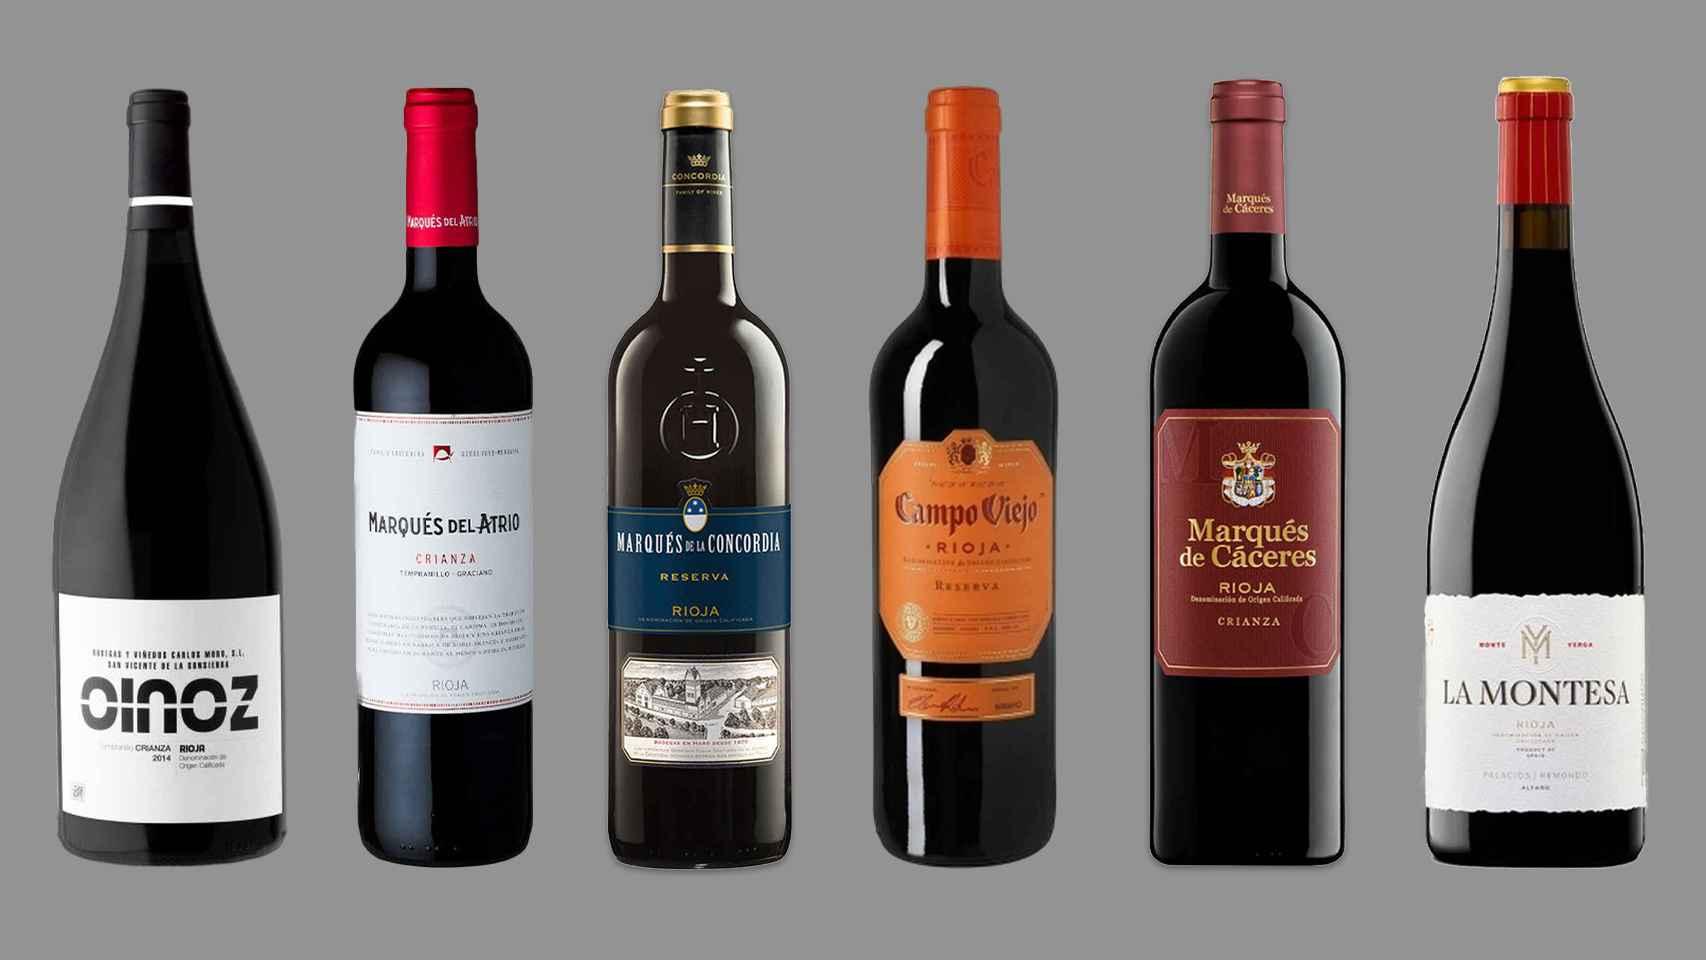 Estos son los 12 mejores vinos tintos de La Rioja según la OCU: se pueden comprar desde 7 hasta 24€